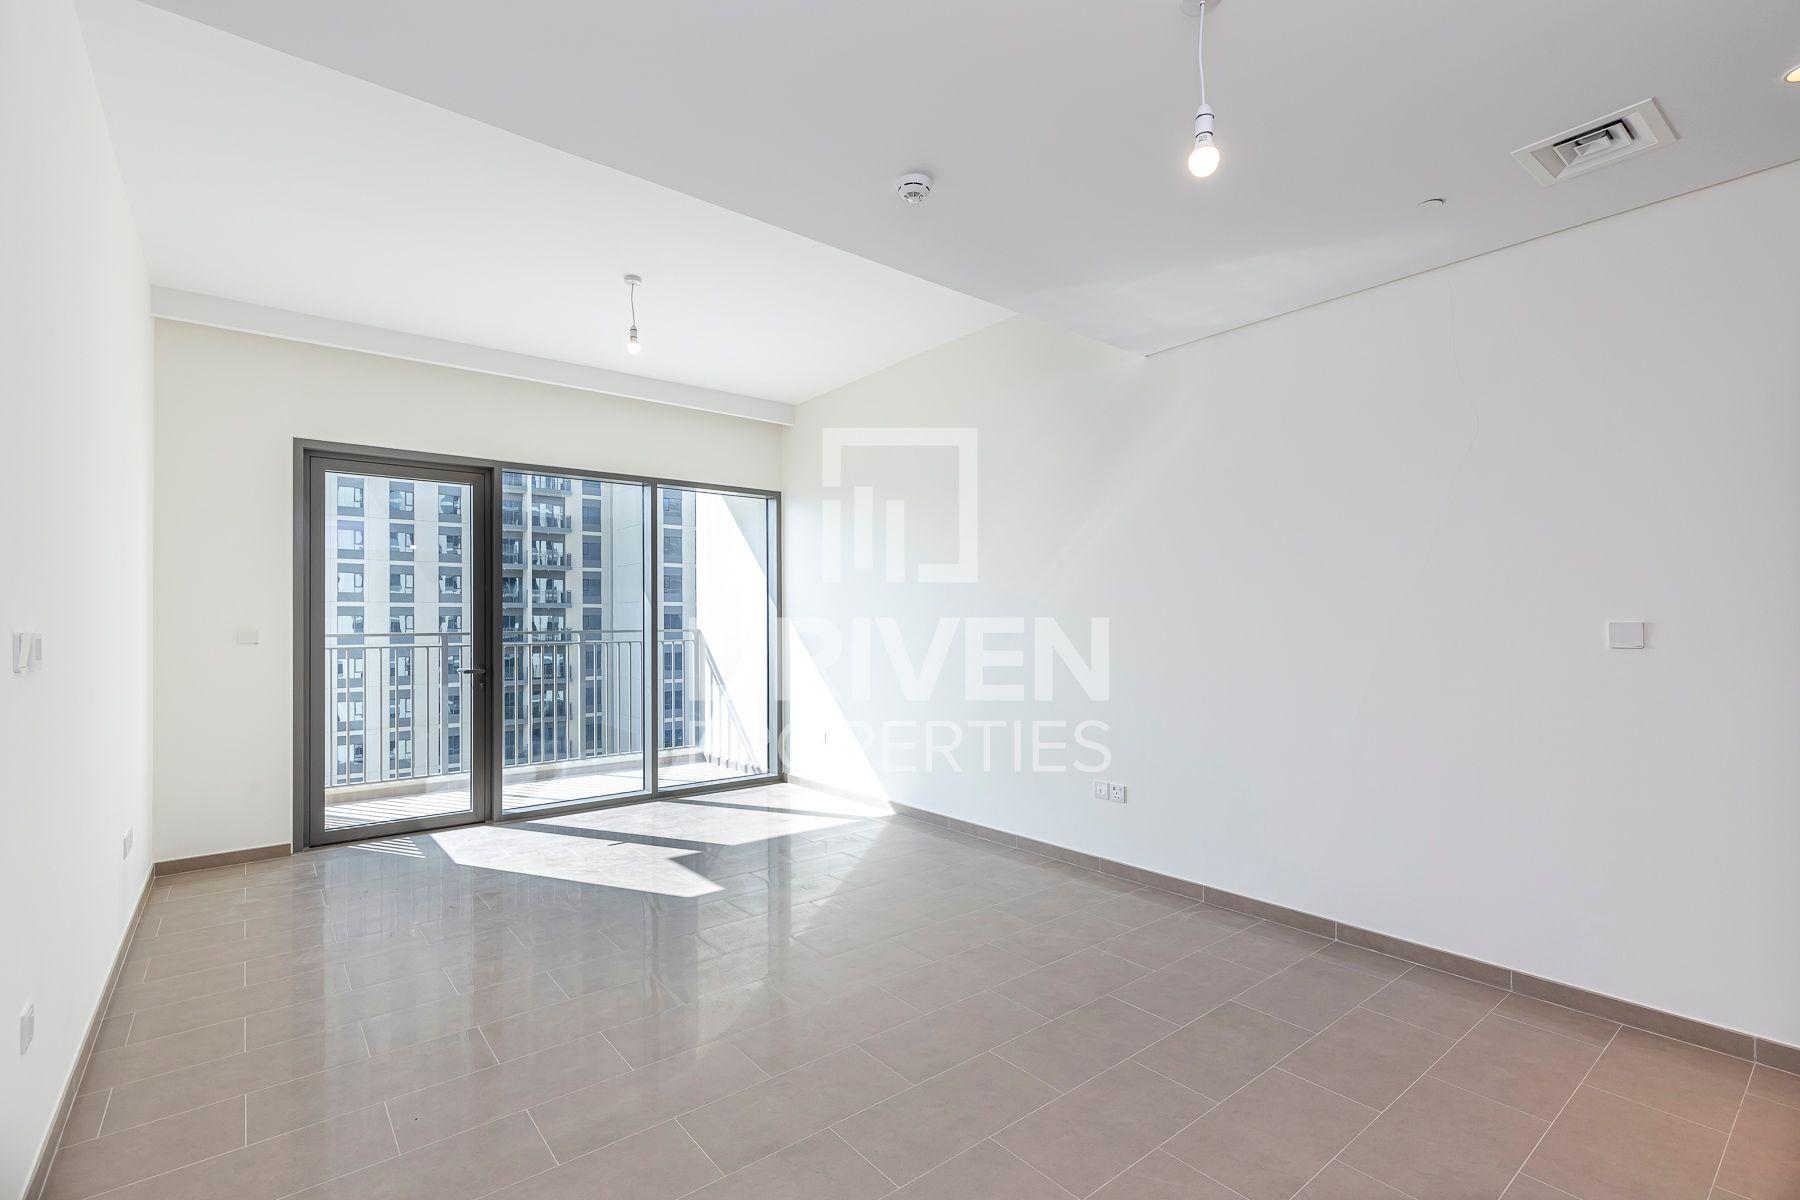 650 قدم مربع  شقة - للايجار - دبي هيلز استيت